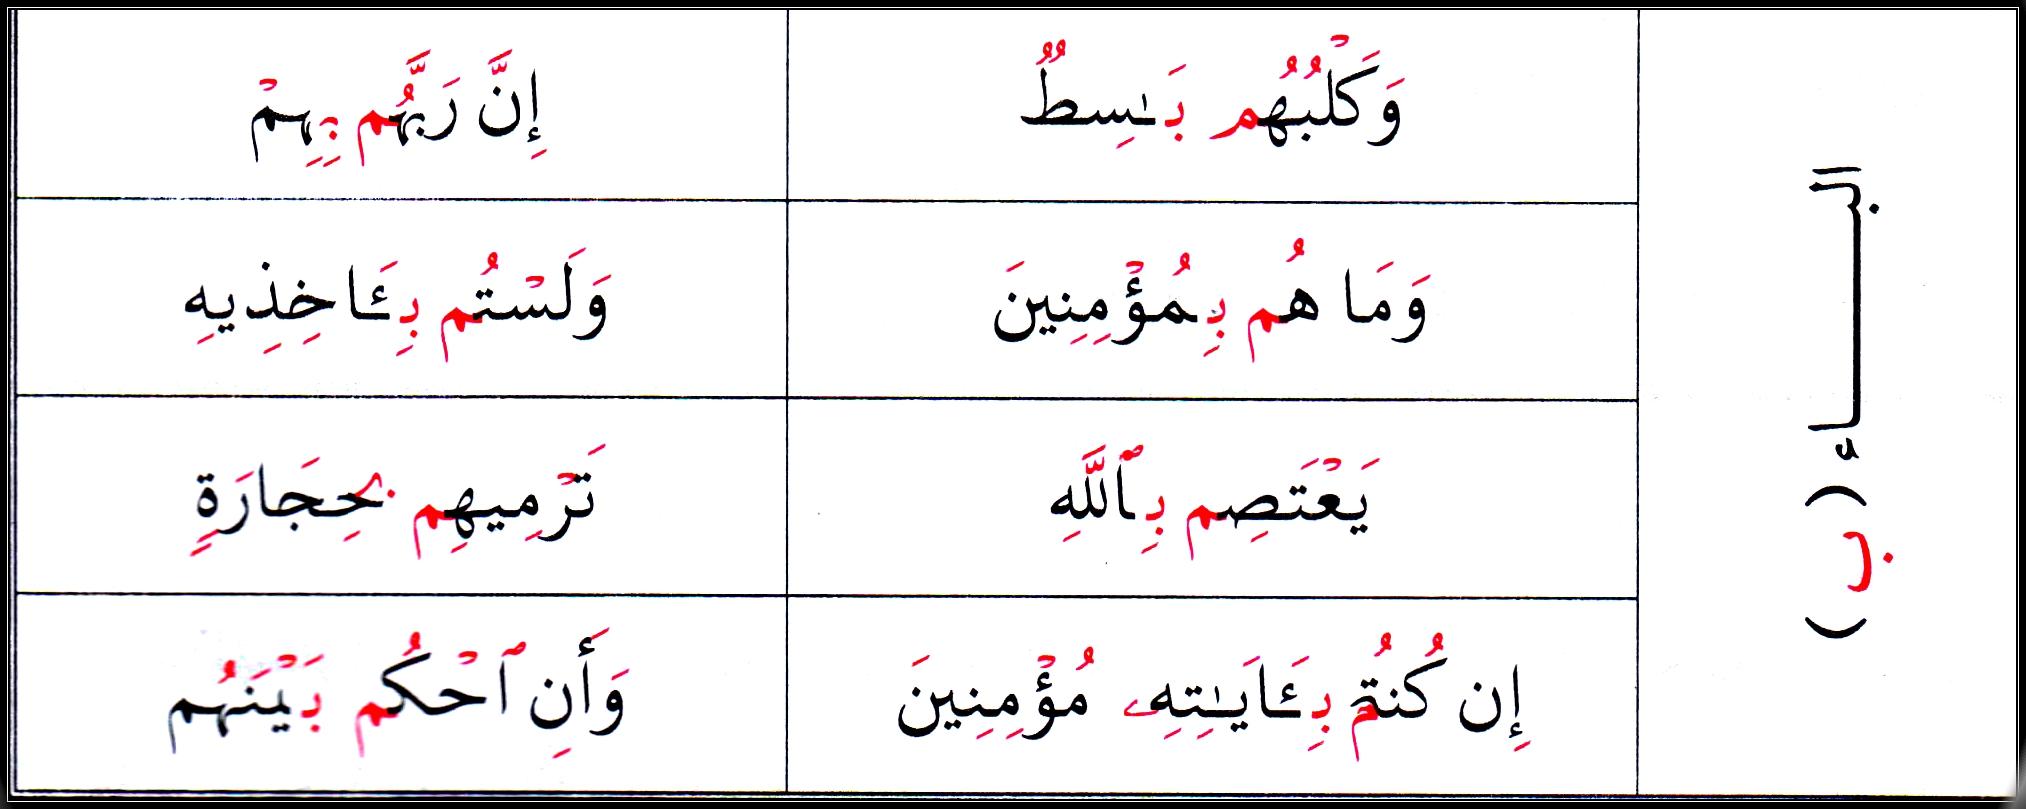 The Rules Of Meem As Sakinah At Tajweed 4 Beginners